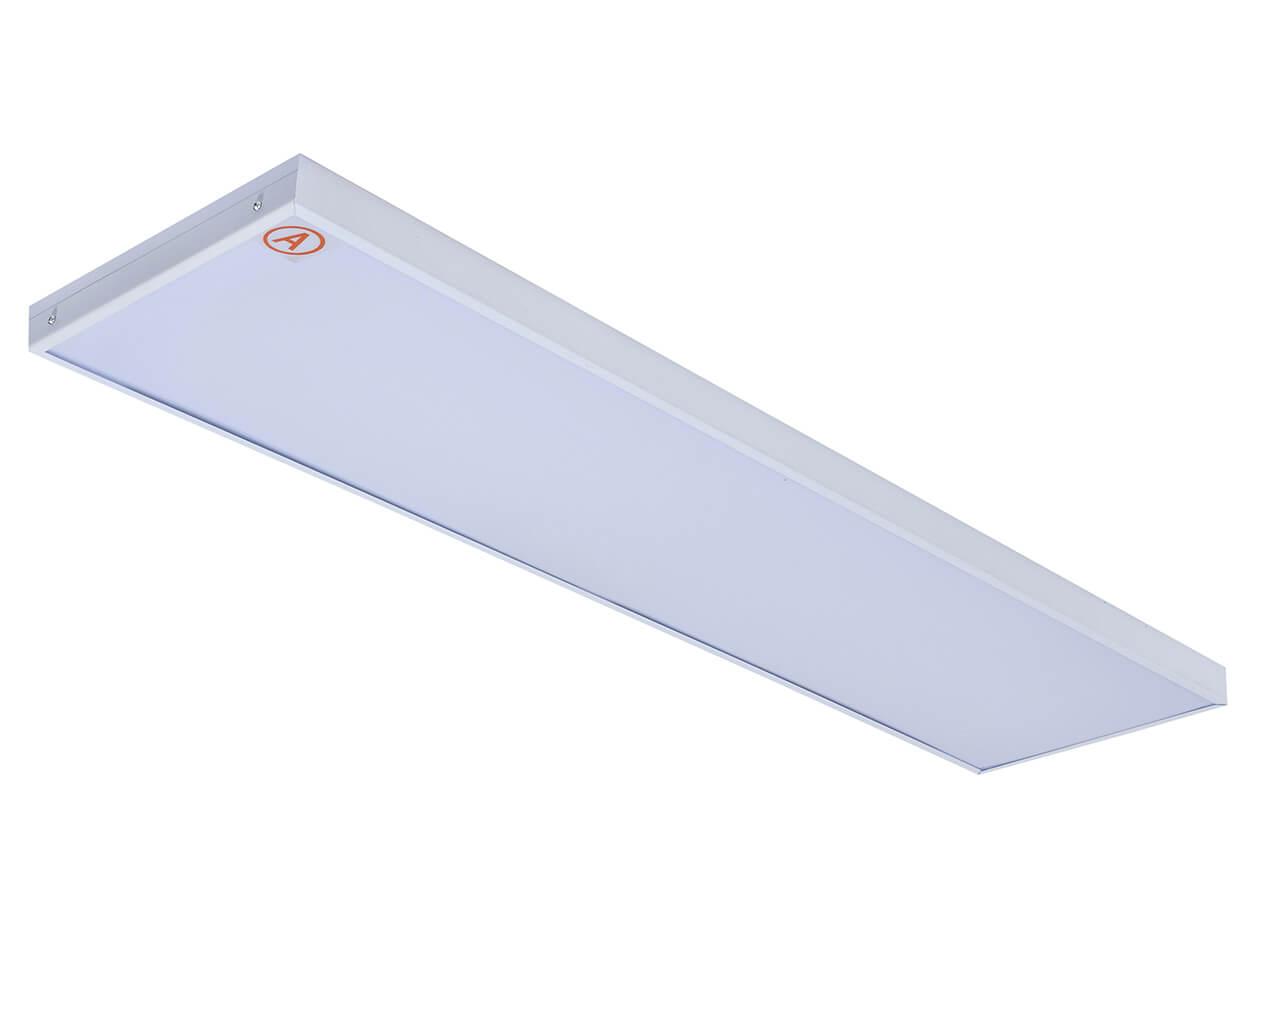 Накладной светильник LC-NSM-40-OP-WW ватт 1195x295 Теплый белый Опал Бап 3 часа